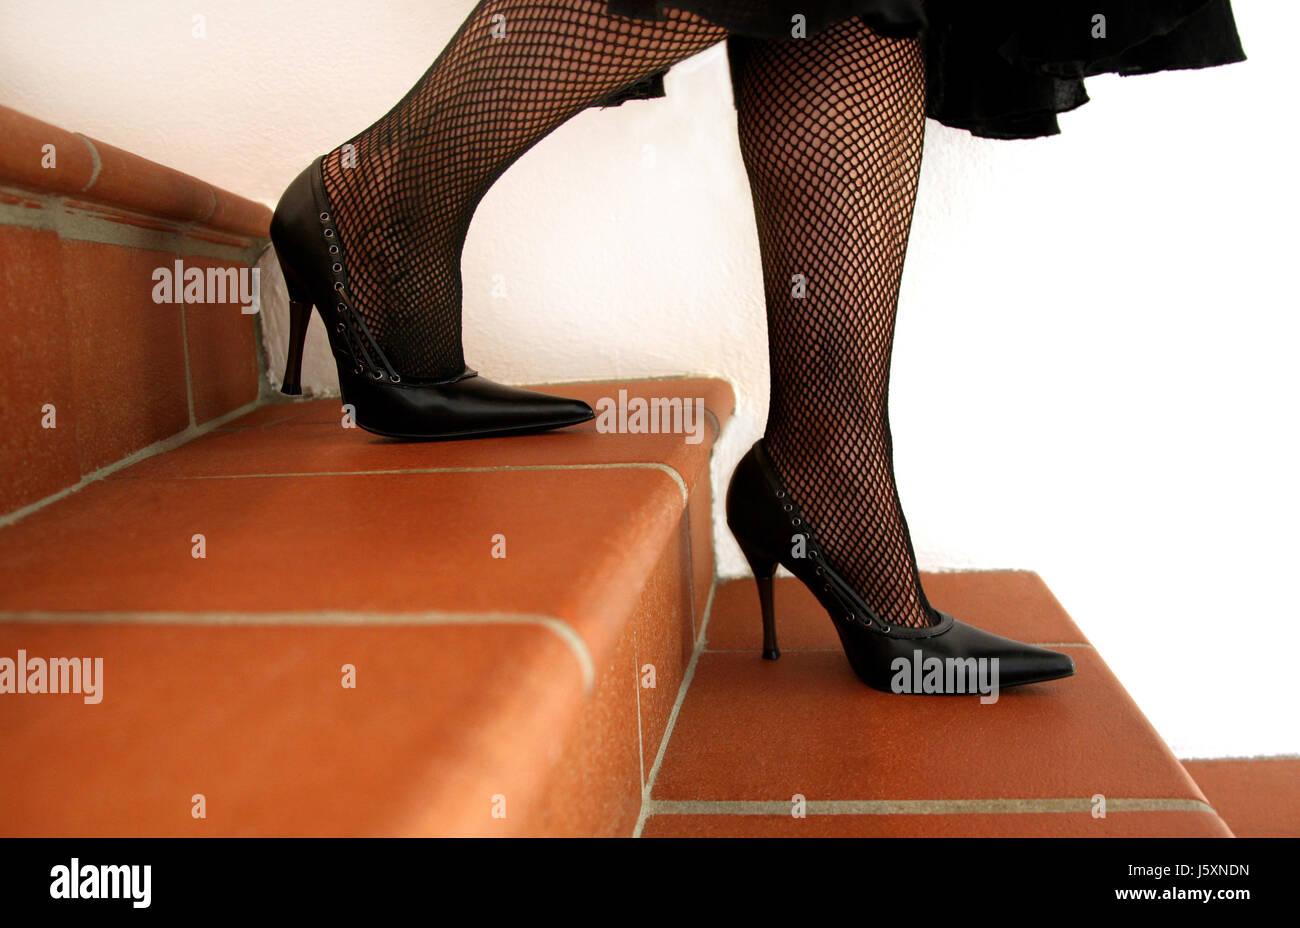 Escaleras Mujer Piernas Zapatos Tacones Pasos 7Y6gyvbf